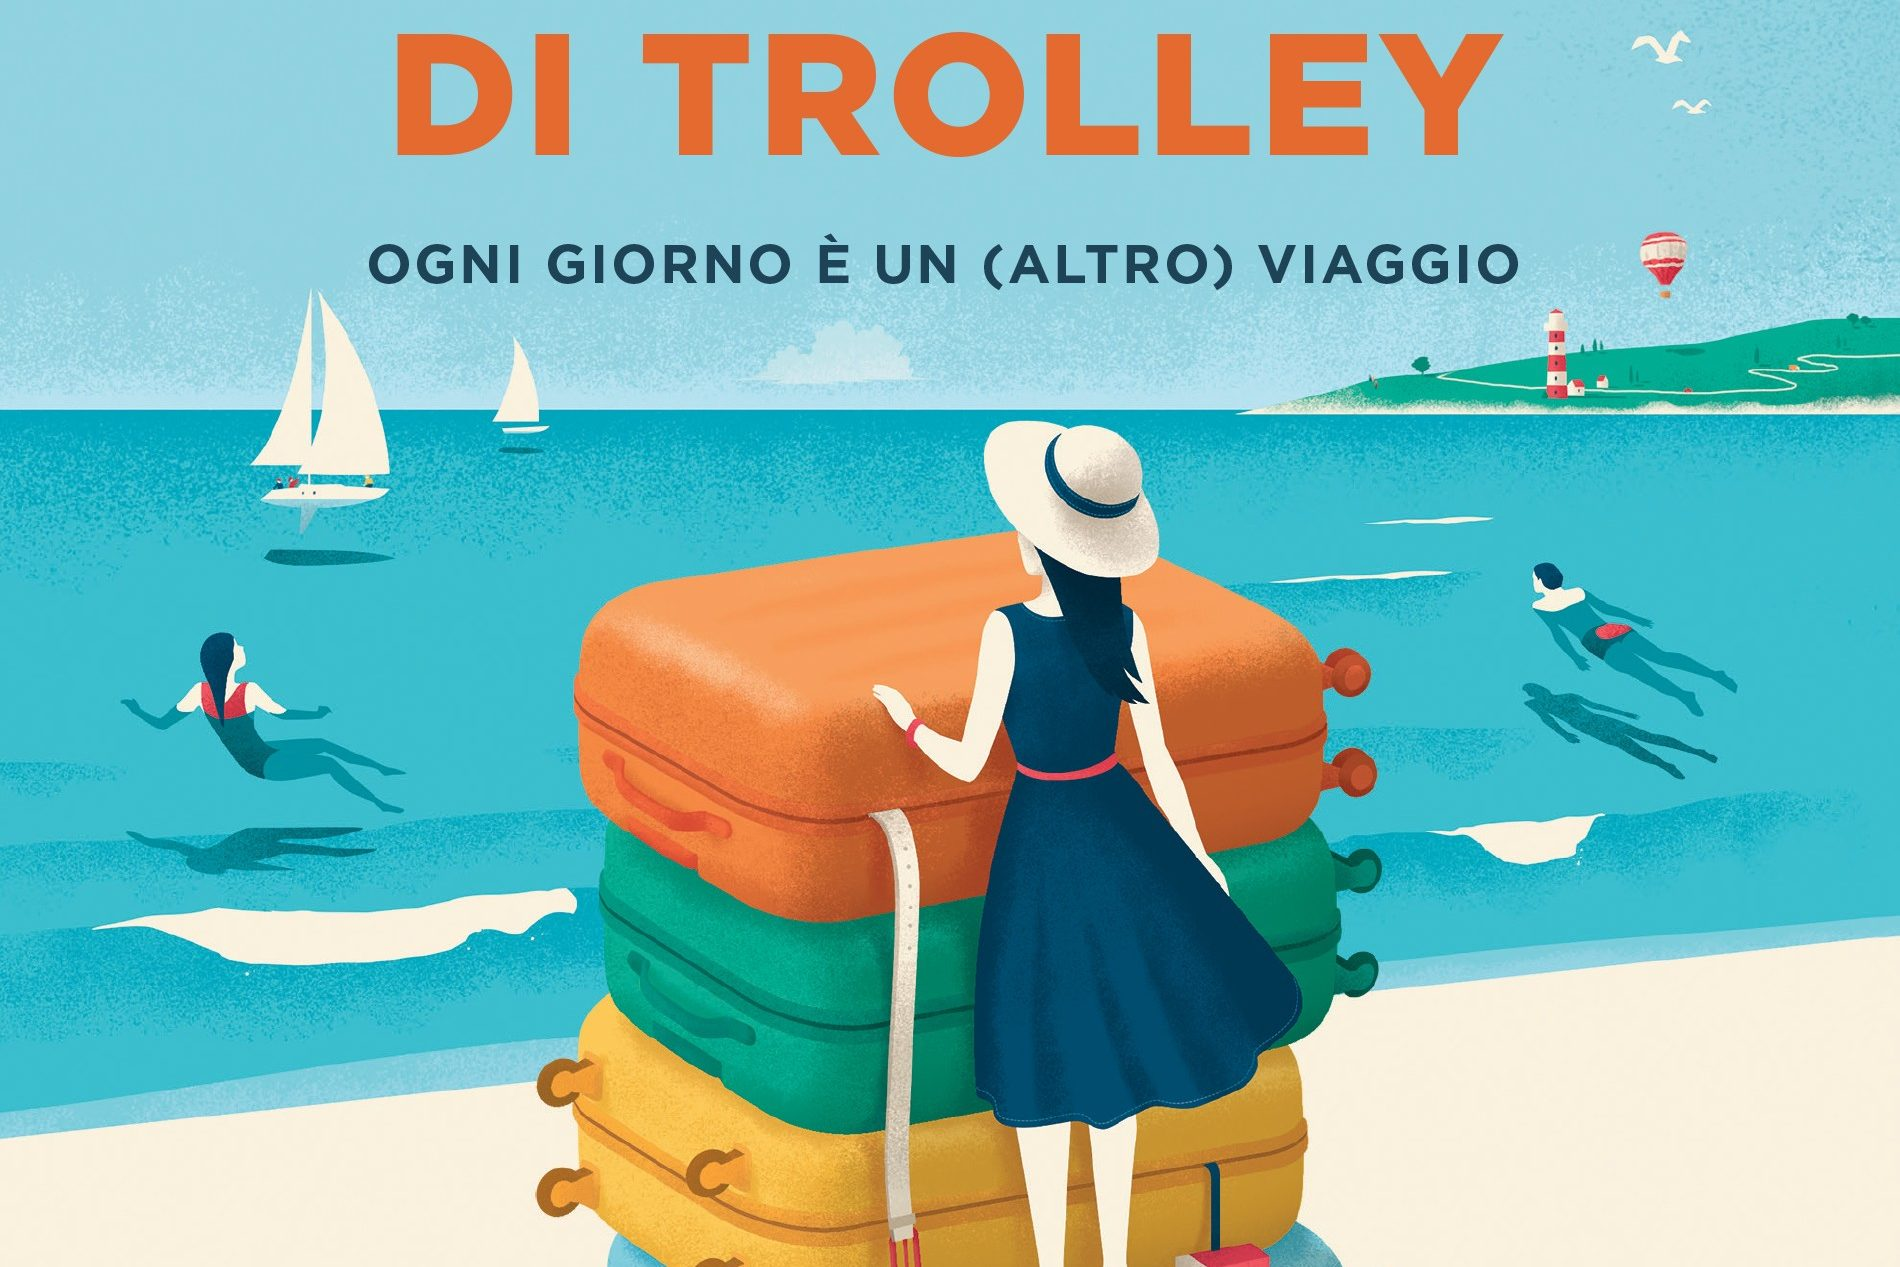 La felicità è a portata di trolley: cool il libro di Marta Perego!